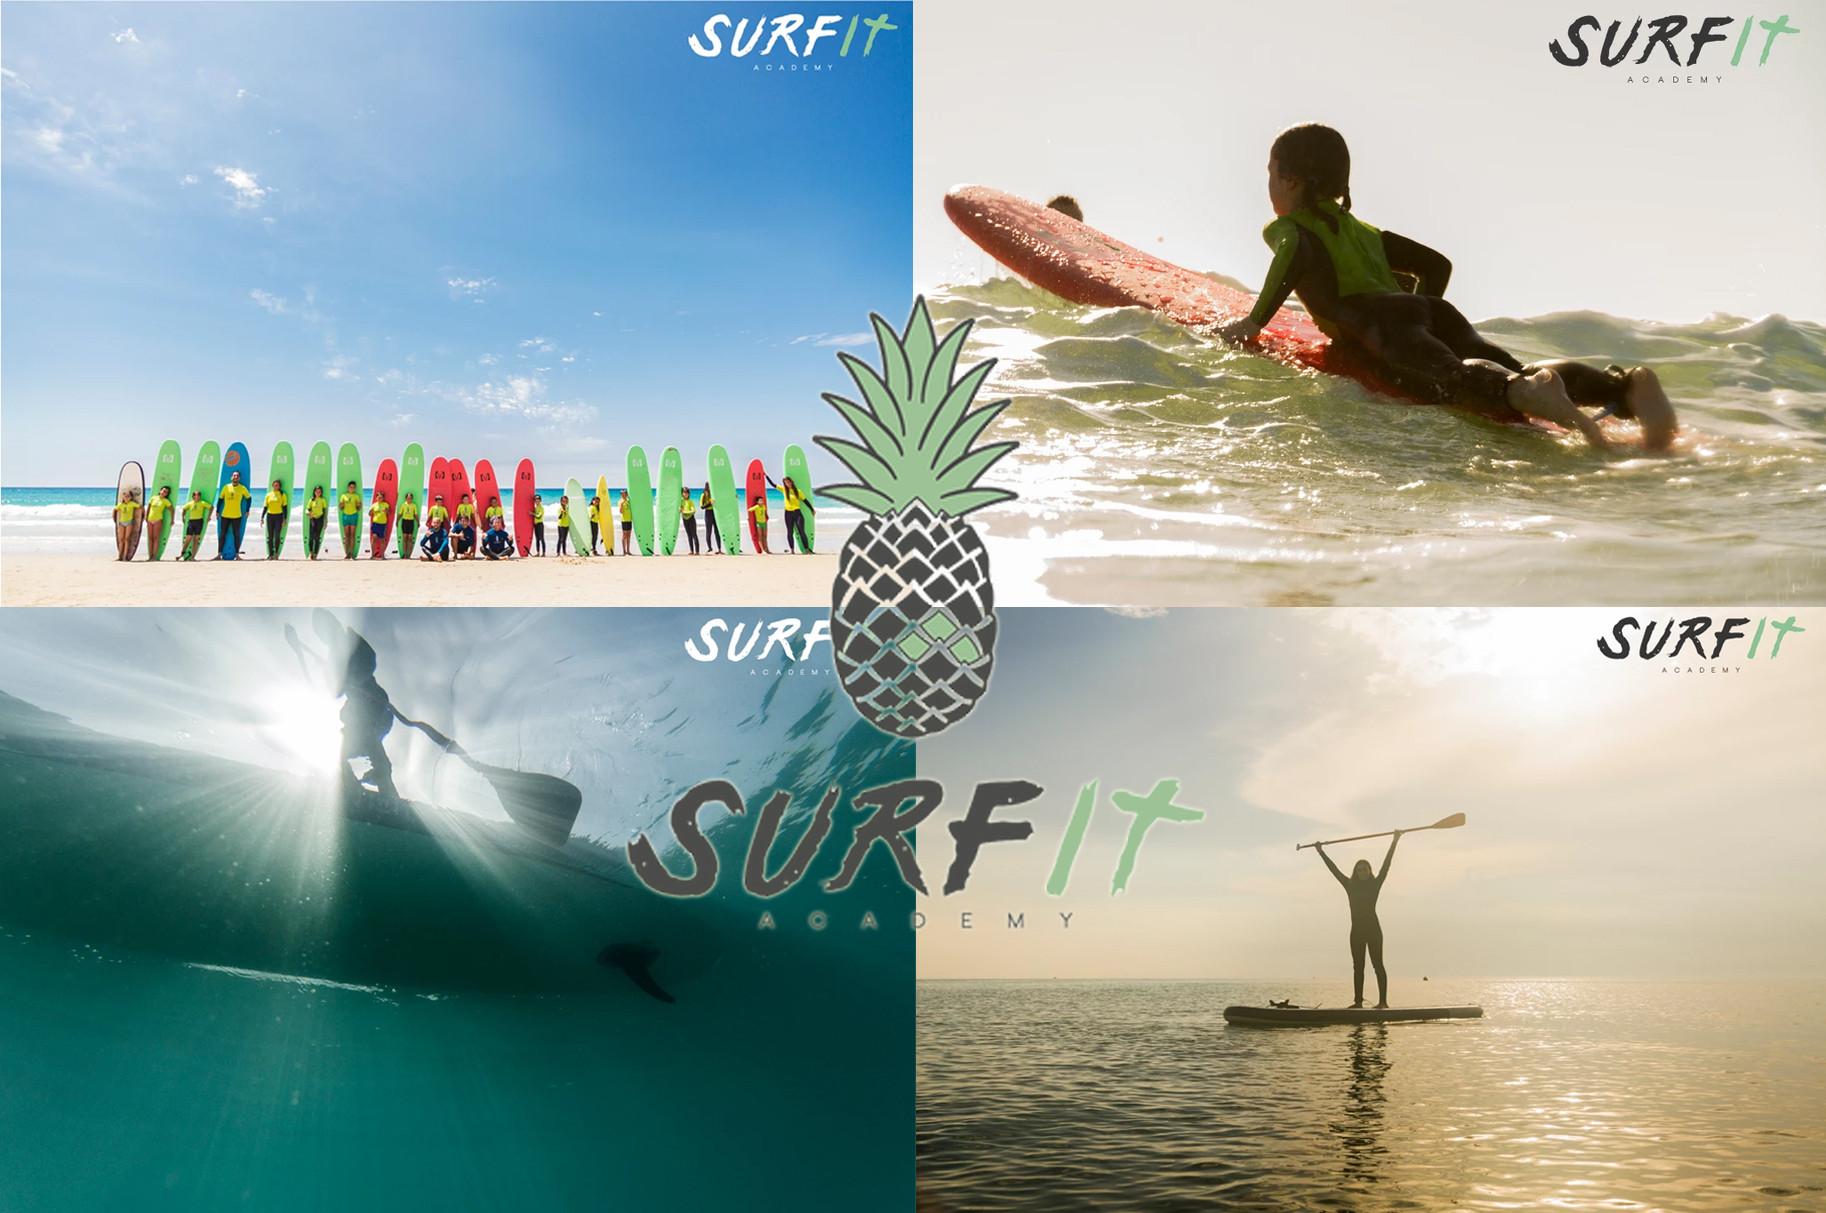 Las Dunas - SURFIT